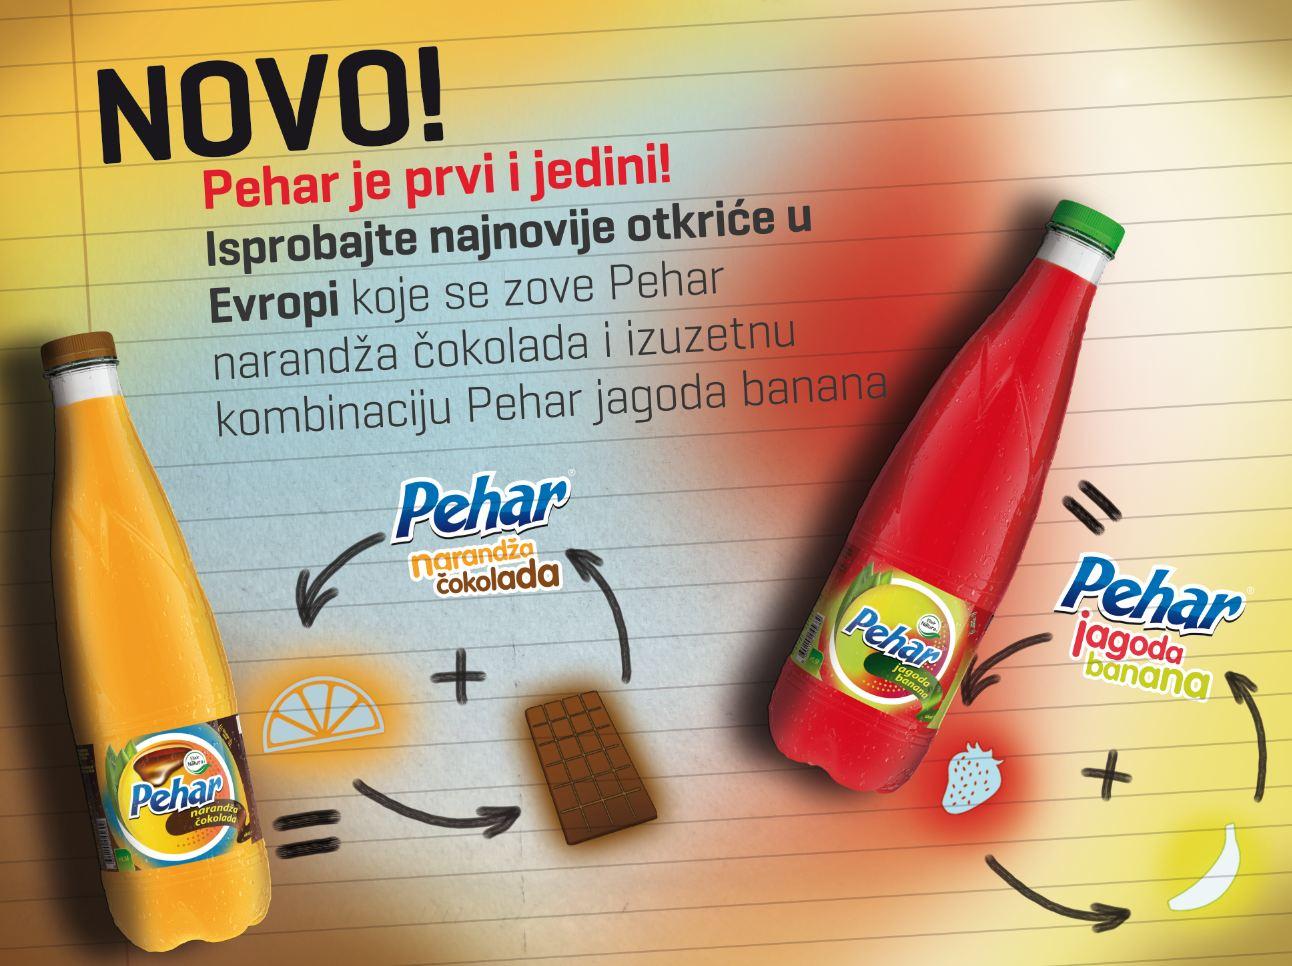 pehar_narandza_cokolada_i_pehar_jagoda_banana